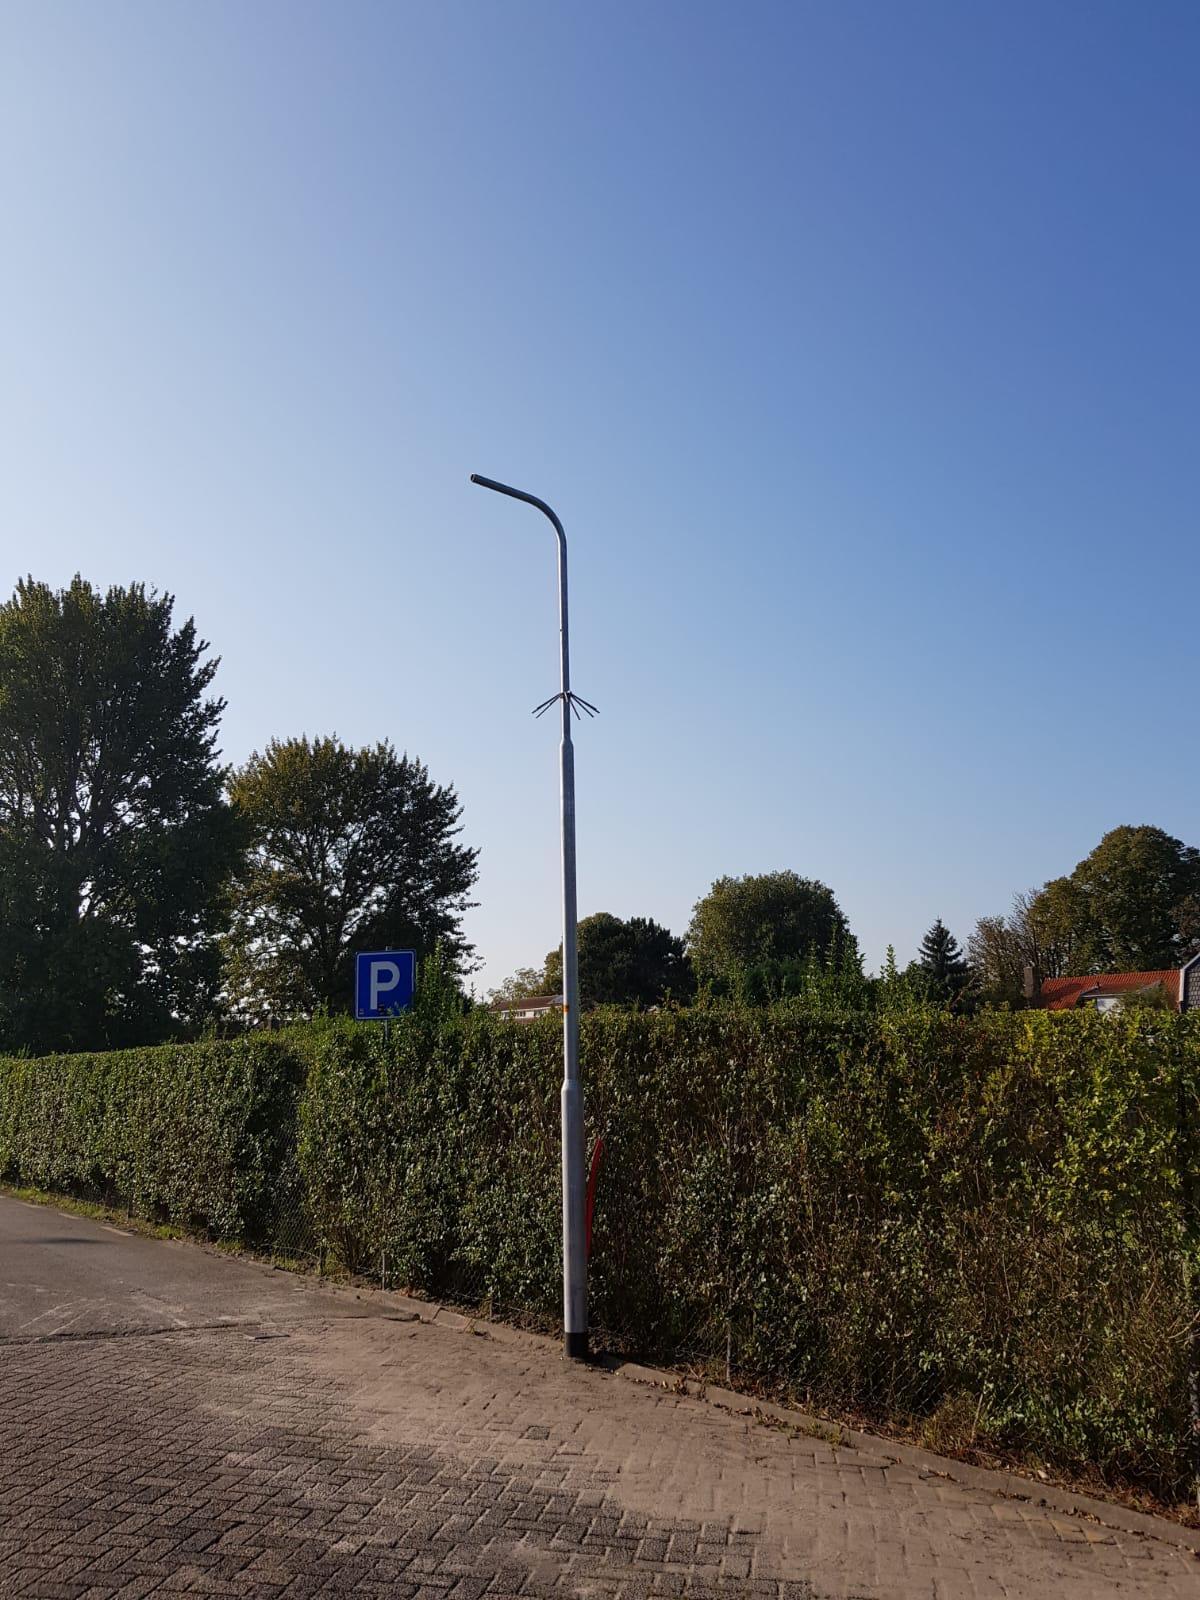 Eindelijk camerabewaking bij station Enkhuizen: fietsen en auto's veilig, aldus CDA